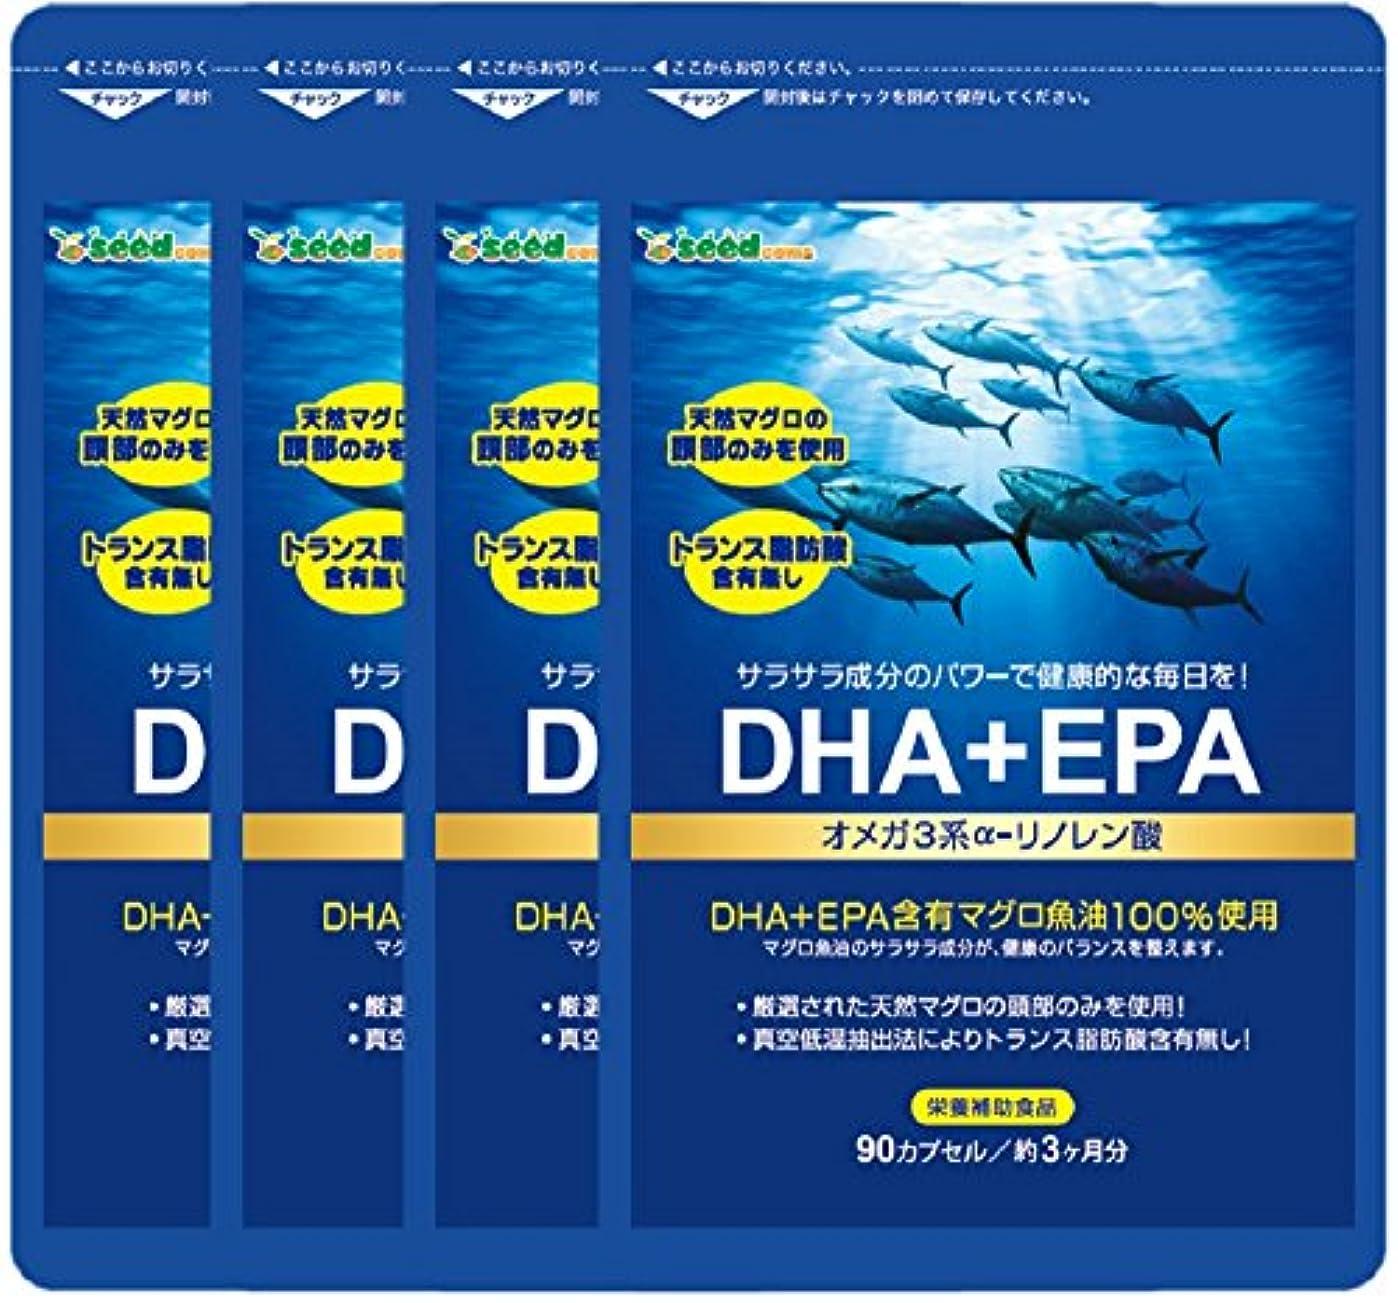 母性下る丘DHA+EPA 約12ケ月分 (オメガ系α-リノレン酸) ビンチョウマグロの頭部のみを贅沢に使用!!トランス脂肪酸0㎎